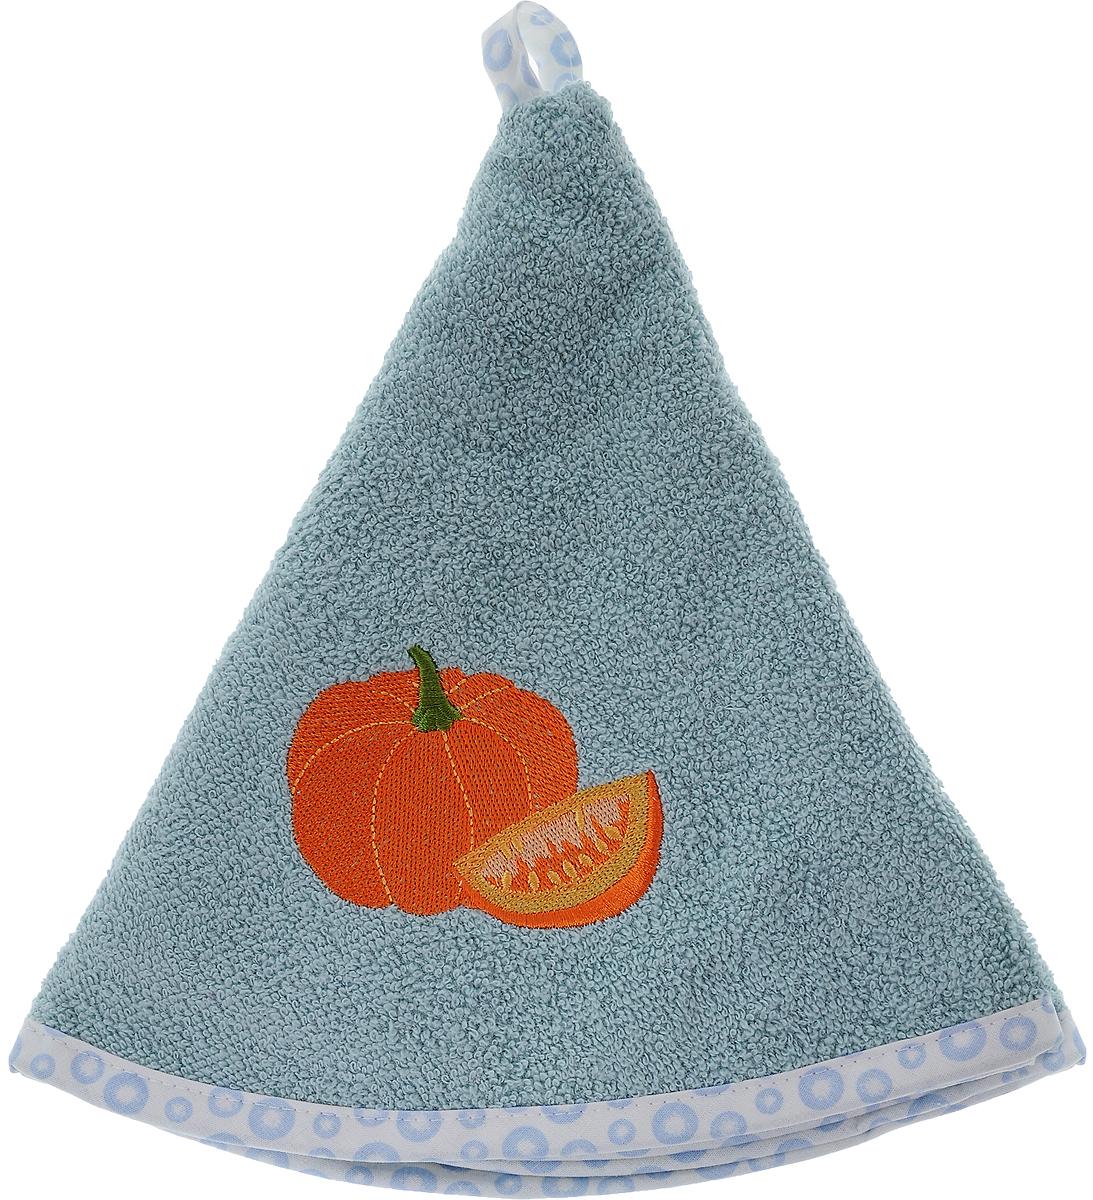 Полотенце кухонное Karna Zelina. Тыква, цвет: серо-голубой, оранжевый, диаметр 50 см504/CHAR005Круглое кухонное полотенце Karna Zelina. Тыква изготовлено из 100% хлопка, поэтому является экологически чистым. Качество материала гарантирует безопасность не только взрослым, но и самым маленьким членам семьи. Изделие мягкое и пушистое, оснащено удобной петелькой и украшено оригинальной вышивкой. Кухонное полотенце Karna сделает интерьер вашей кухни стильным и гармоничным. Диаметр полотенца: 50 см.